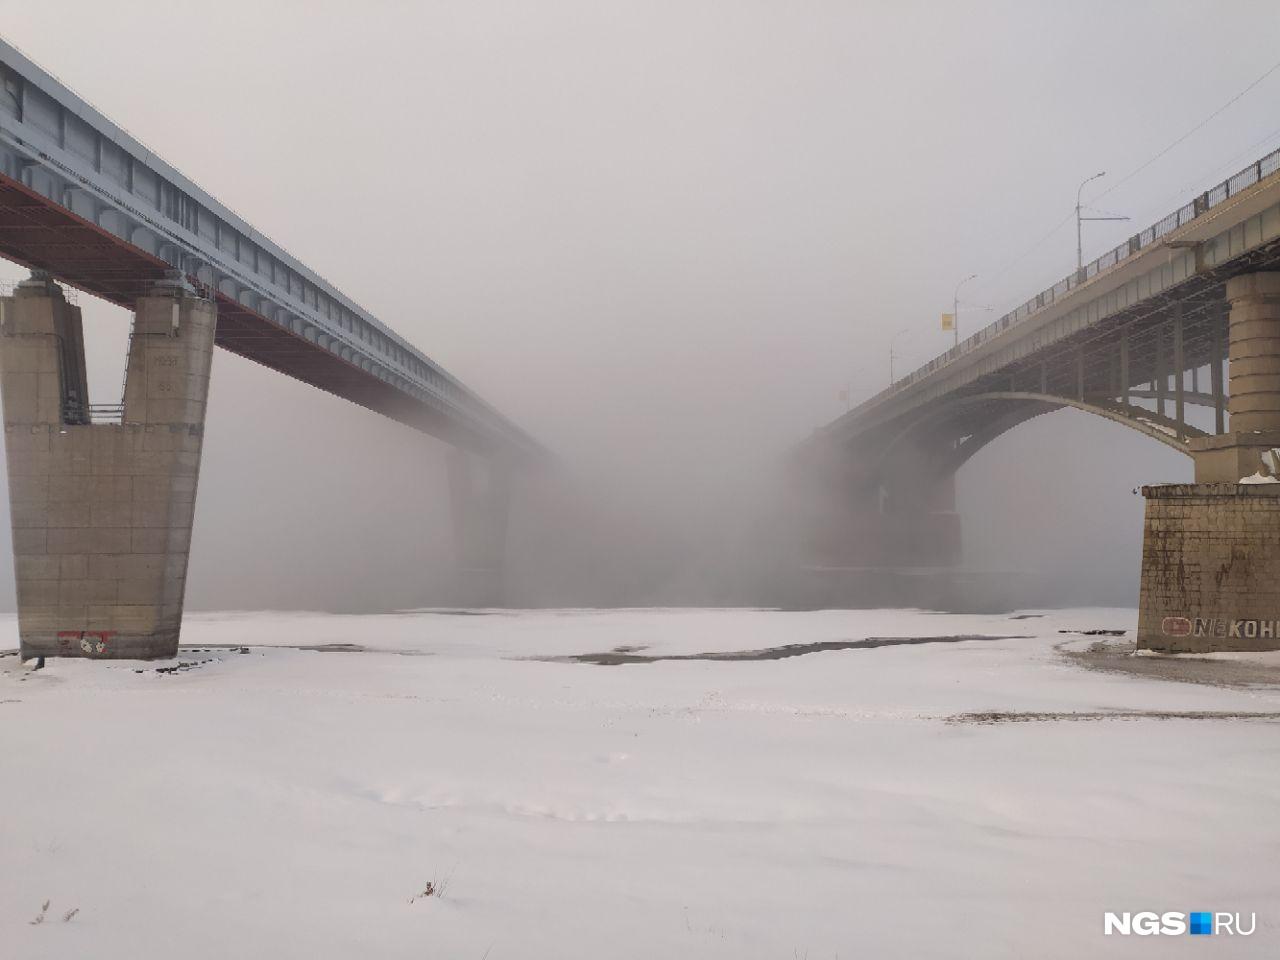 Немного фотографий тумана от нашего фотографа